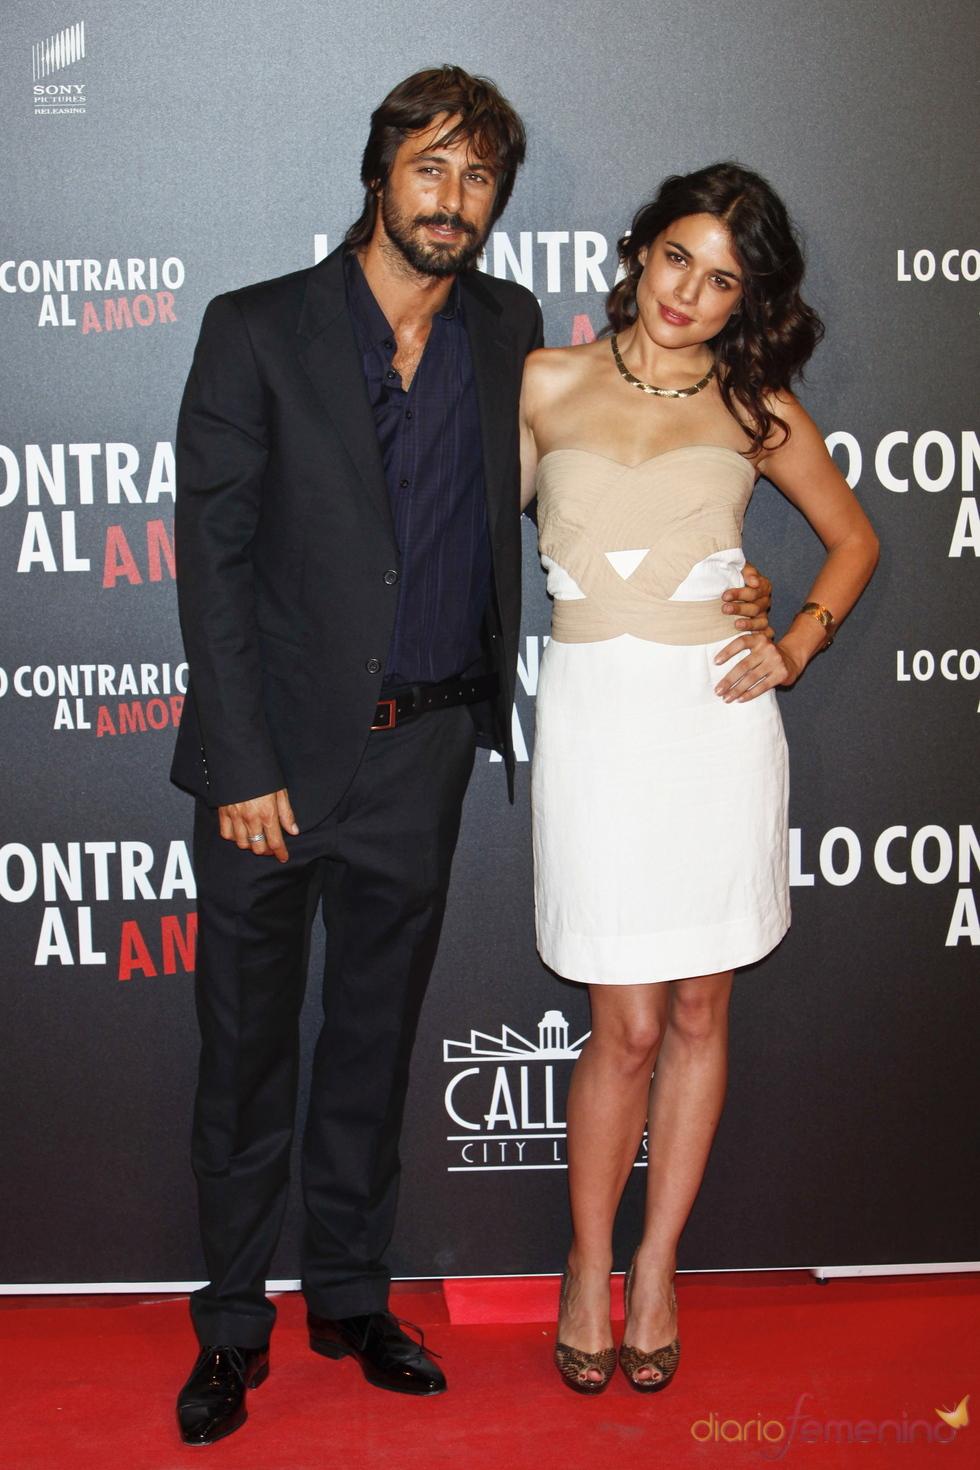 Hugo Silva y Adriana Ugarte en el estreno de 'Lo contrario al amor' en Madrid